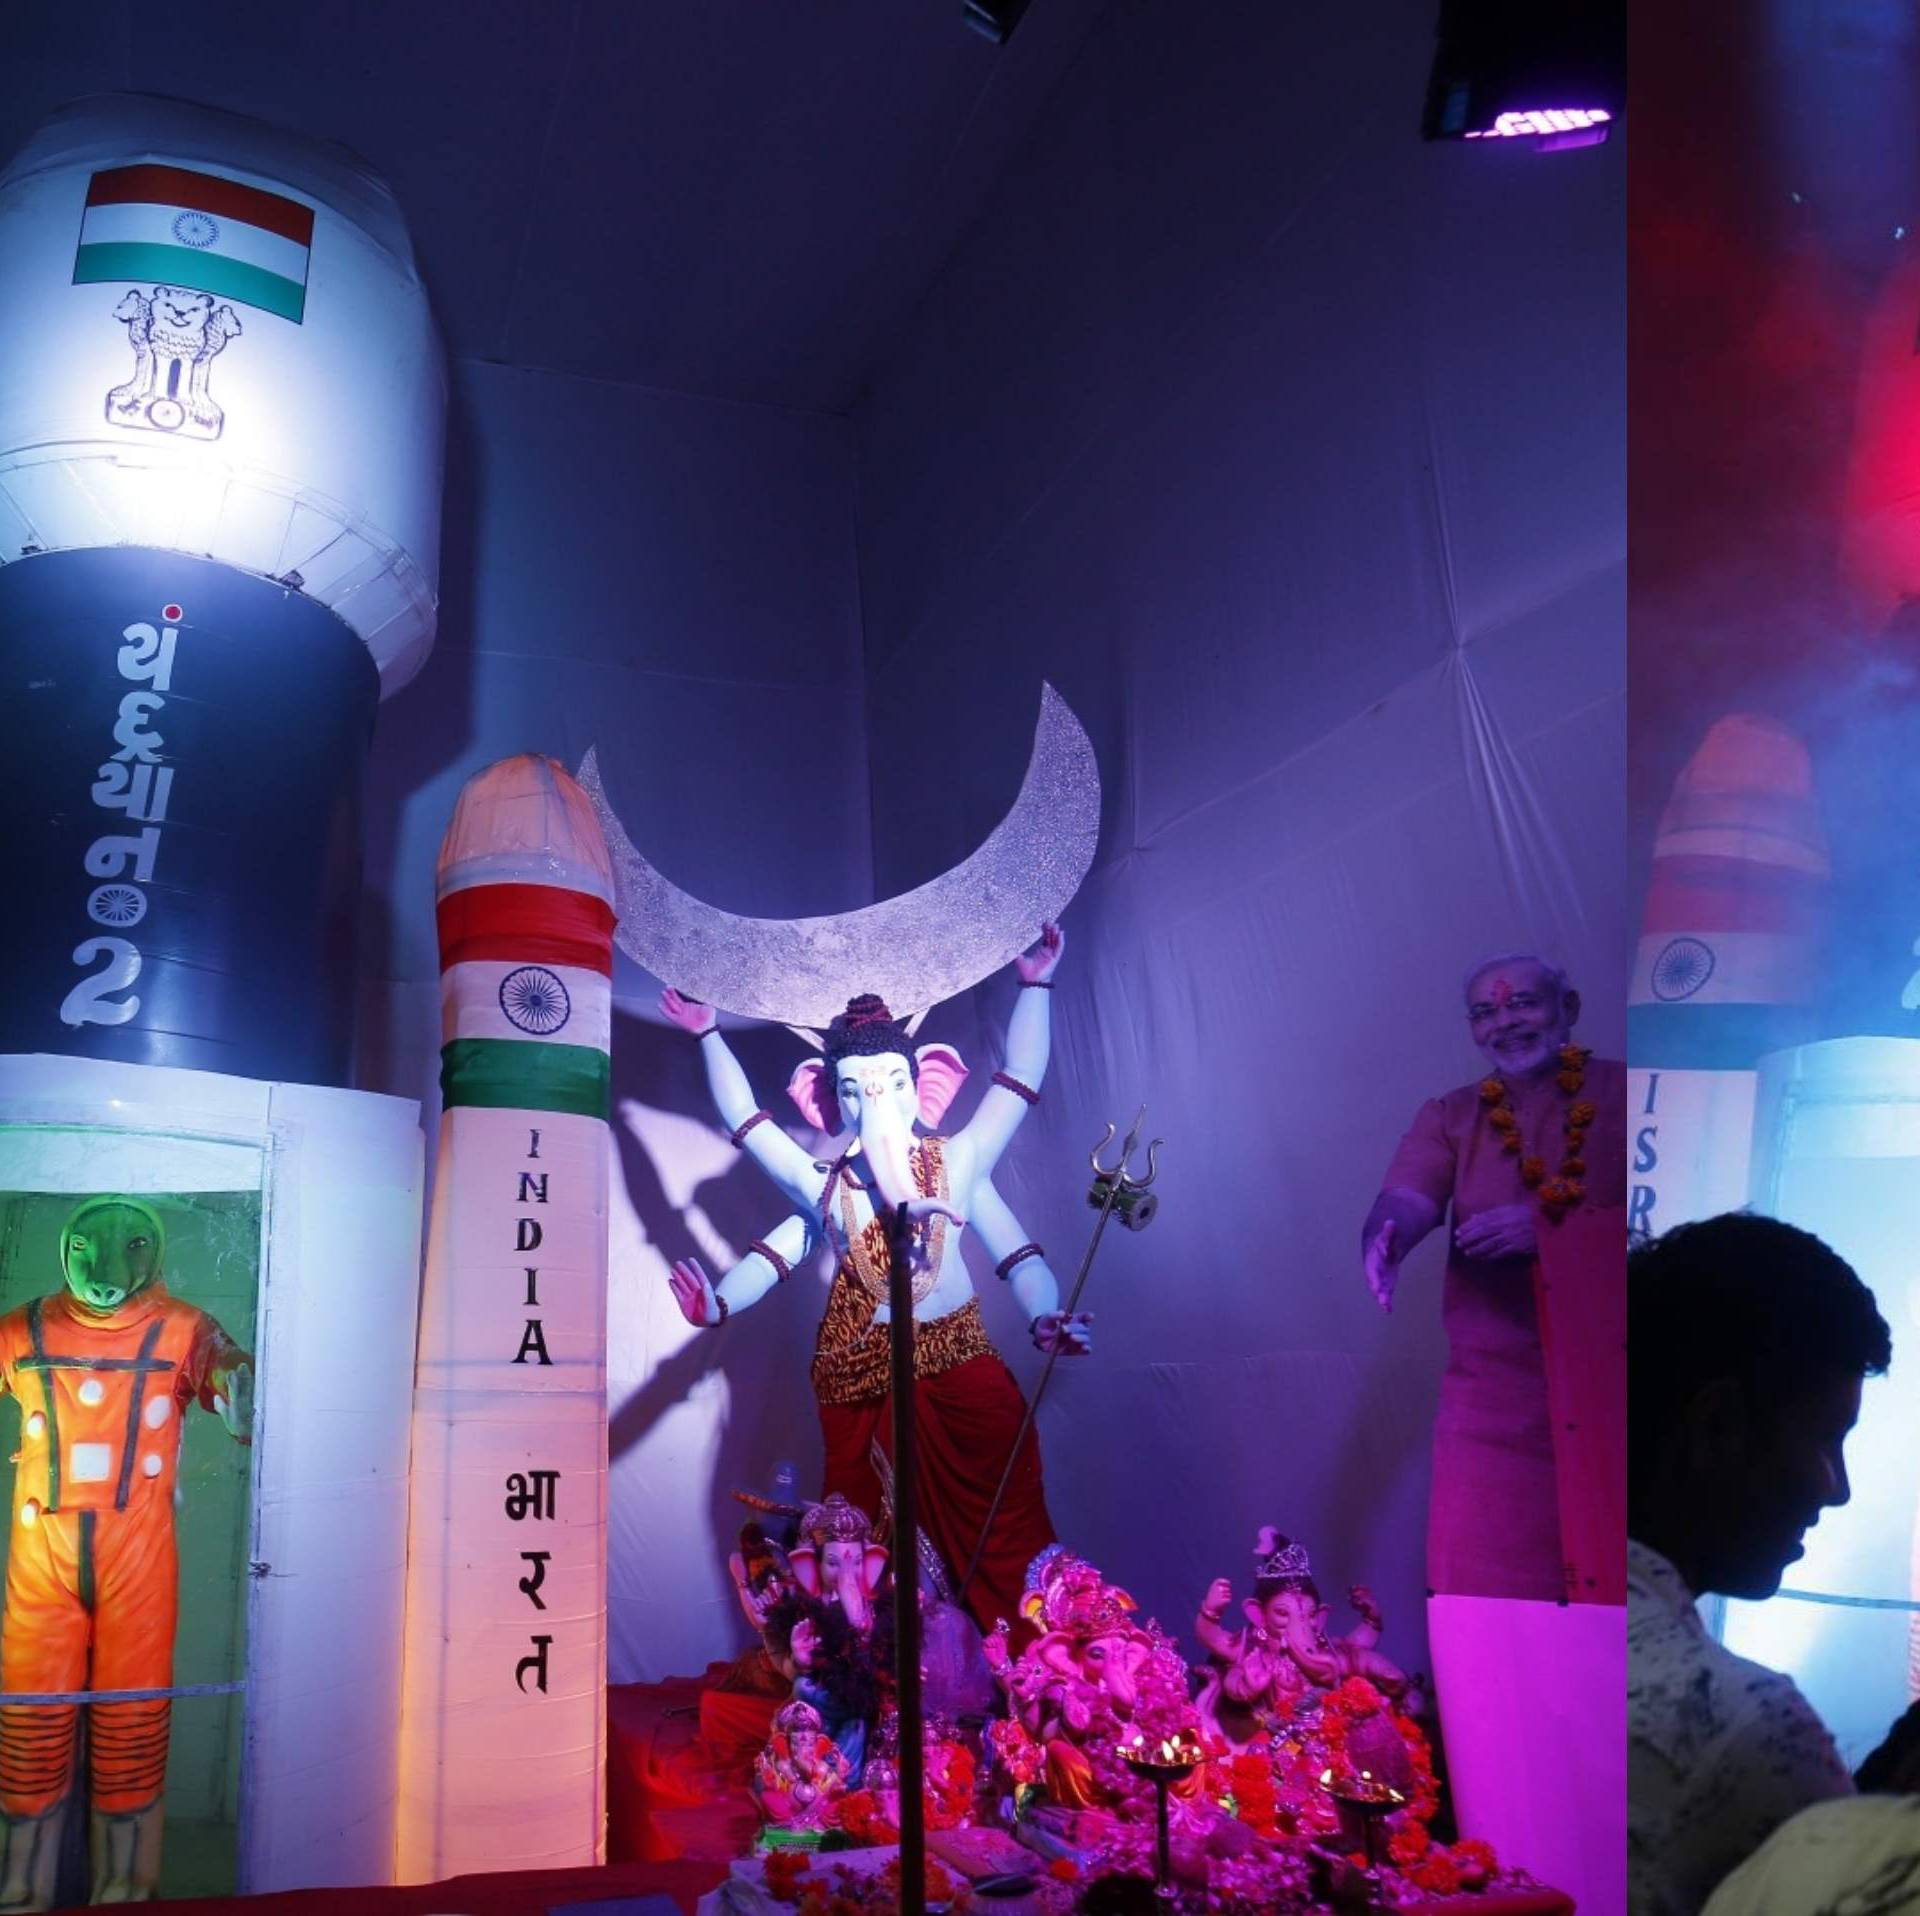 Izgubili komunikaciju: Indijci nisu spustili letjelicu na Mjesec